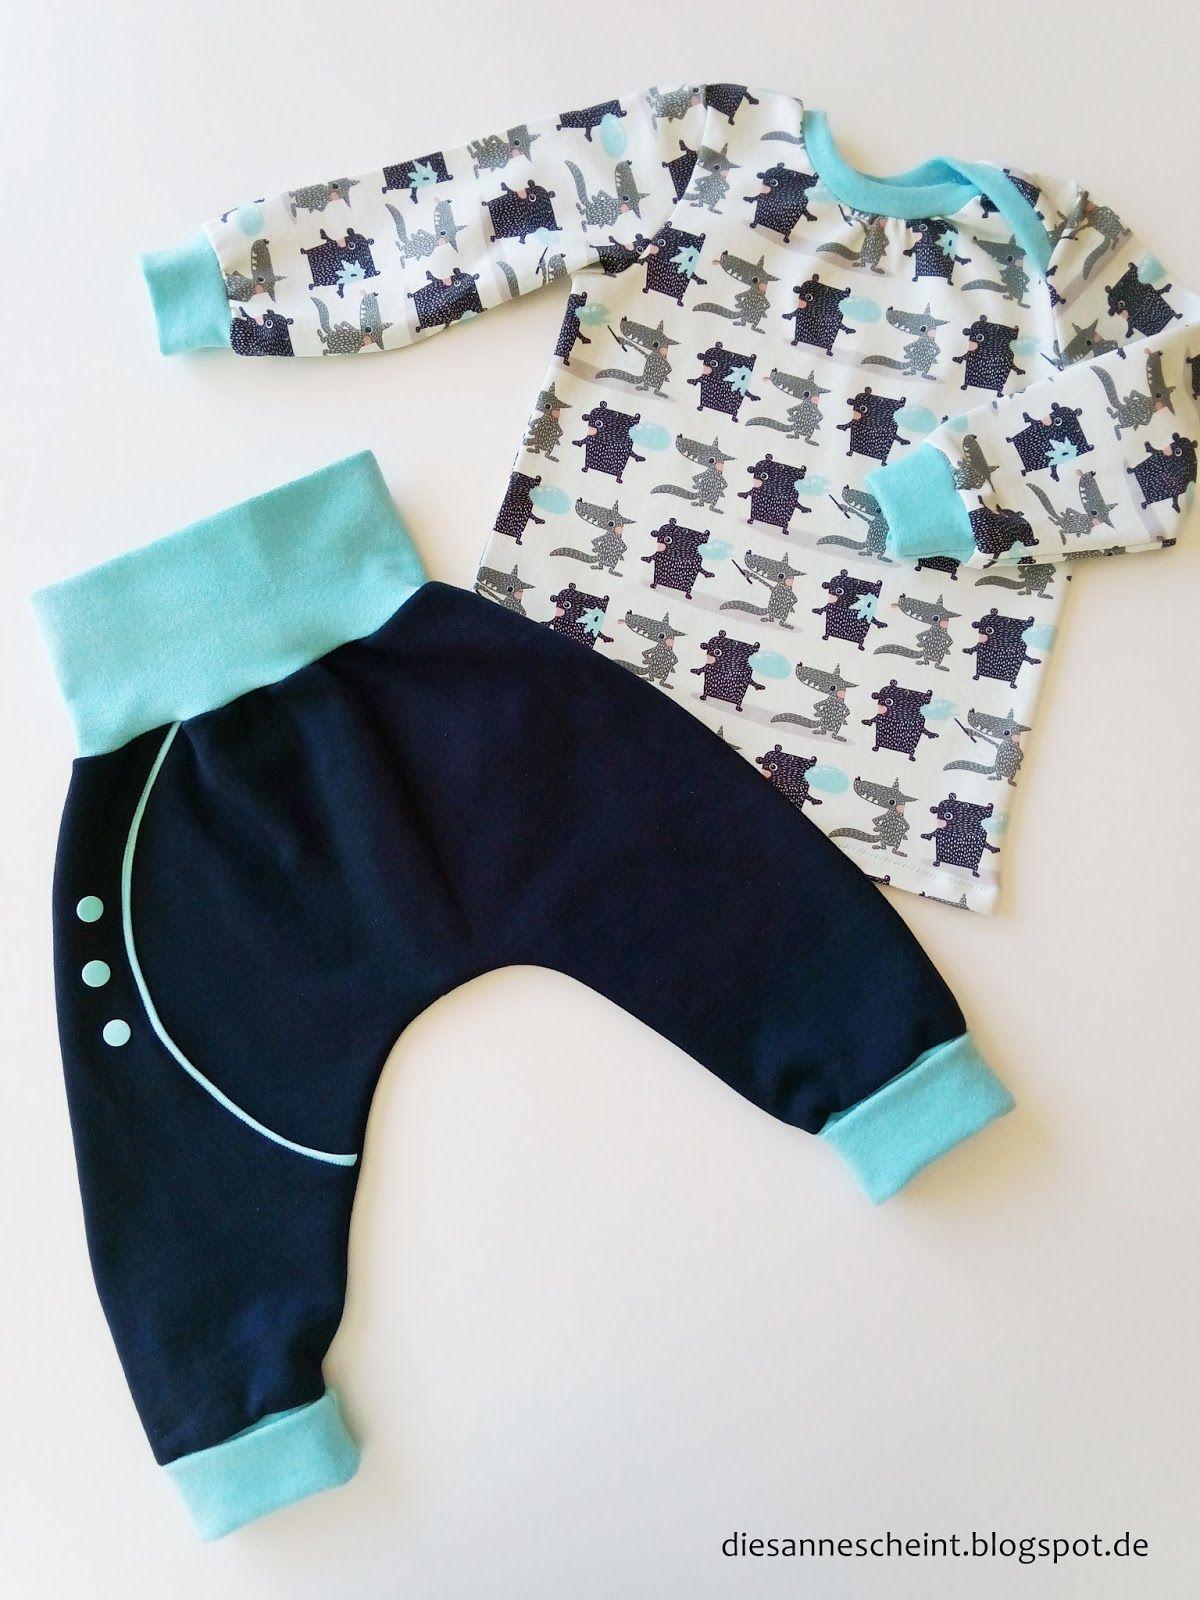 Die Sanne scheint Blog Nähen Babykleidung | nähen | Sewing ...